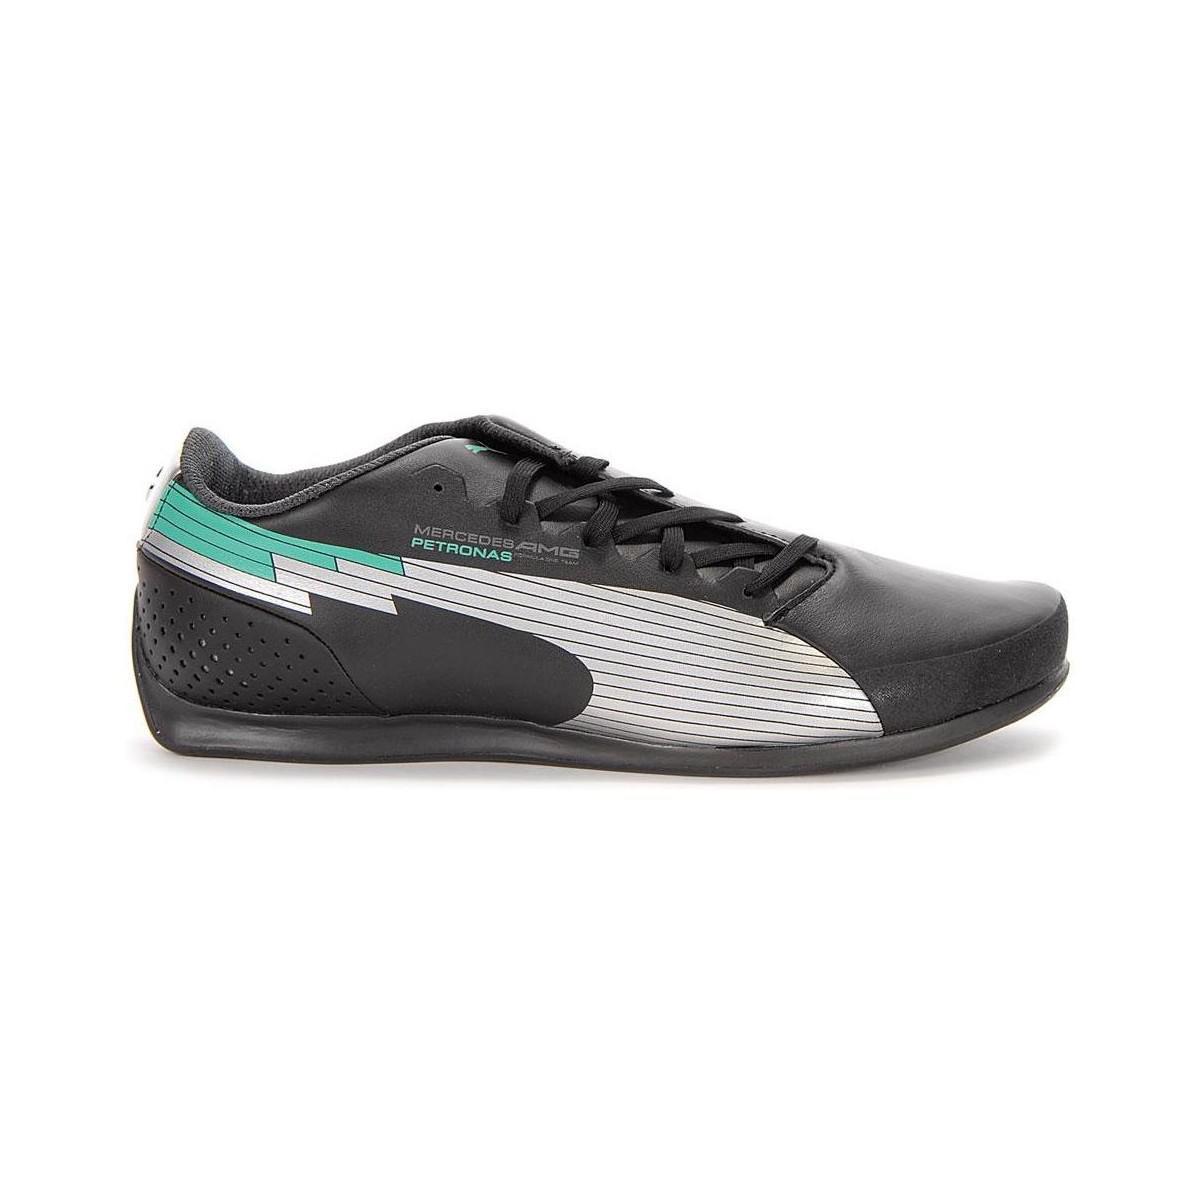 7a3e75ca503 PUMA Evospeed Low Mamgp Nm Men s Shoes (trainers) In Black in Black ...